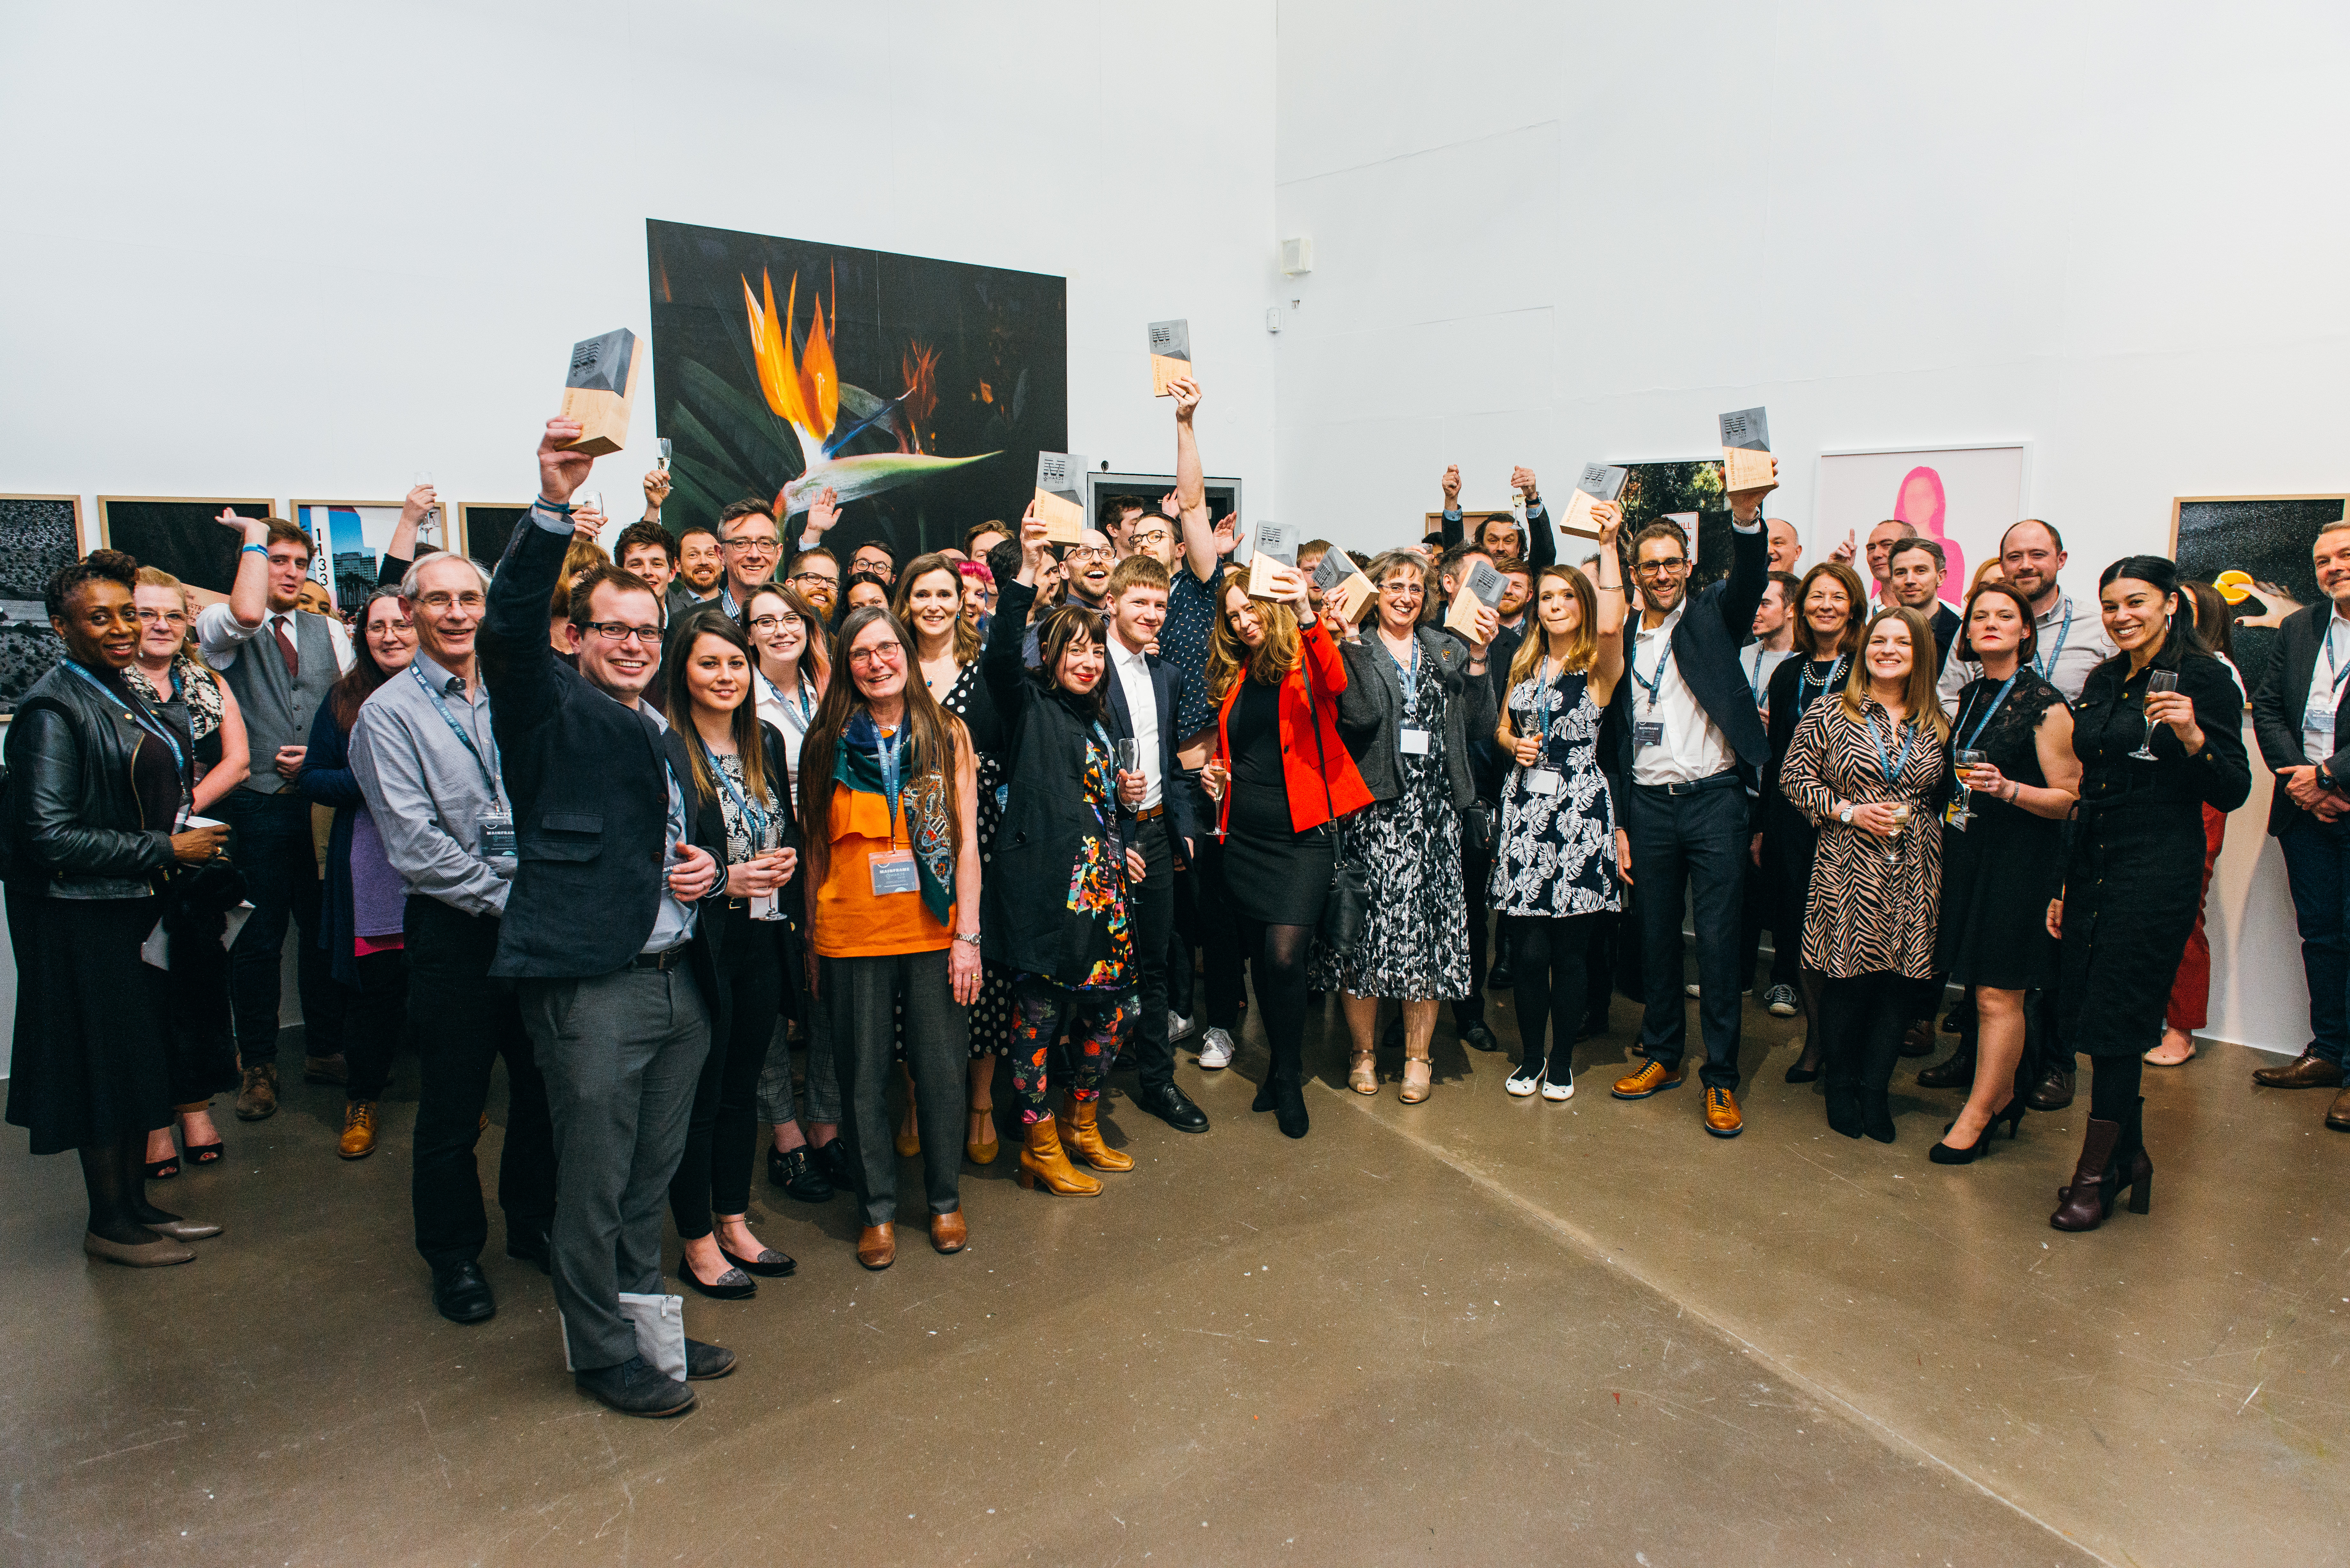 Mainframe Awards 2019 - Group